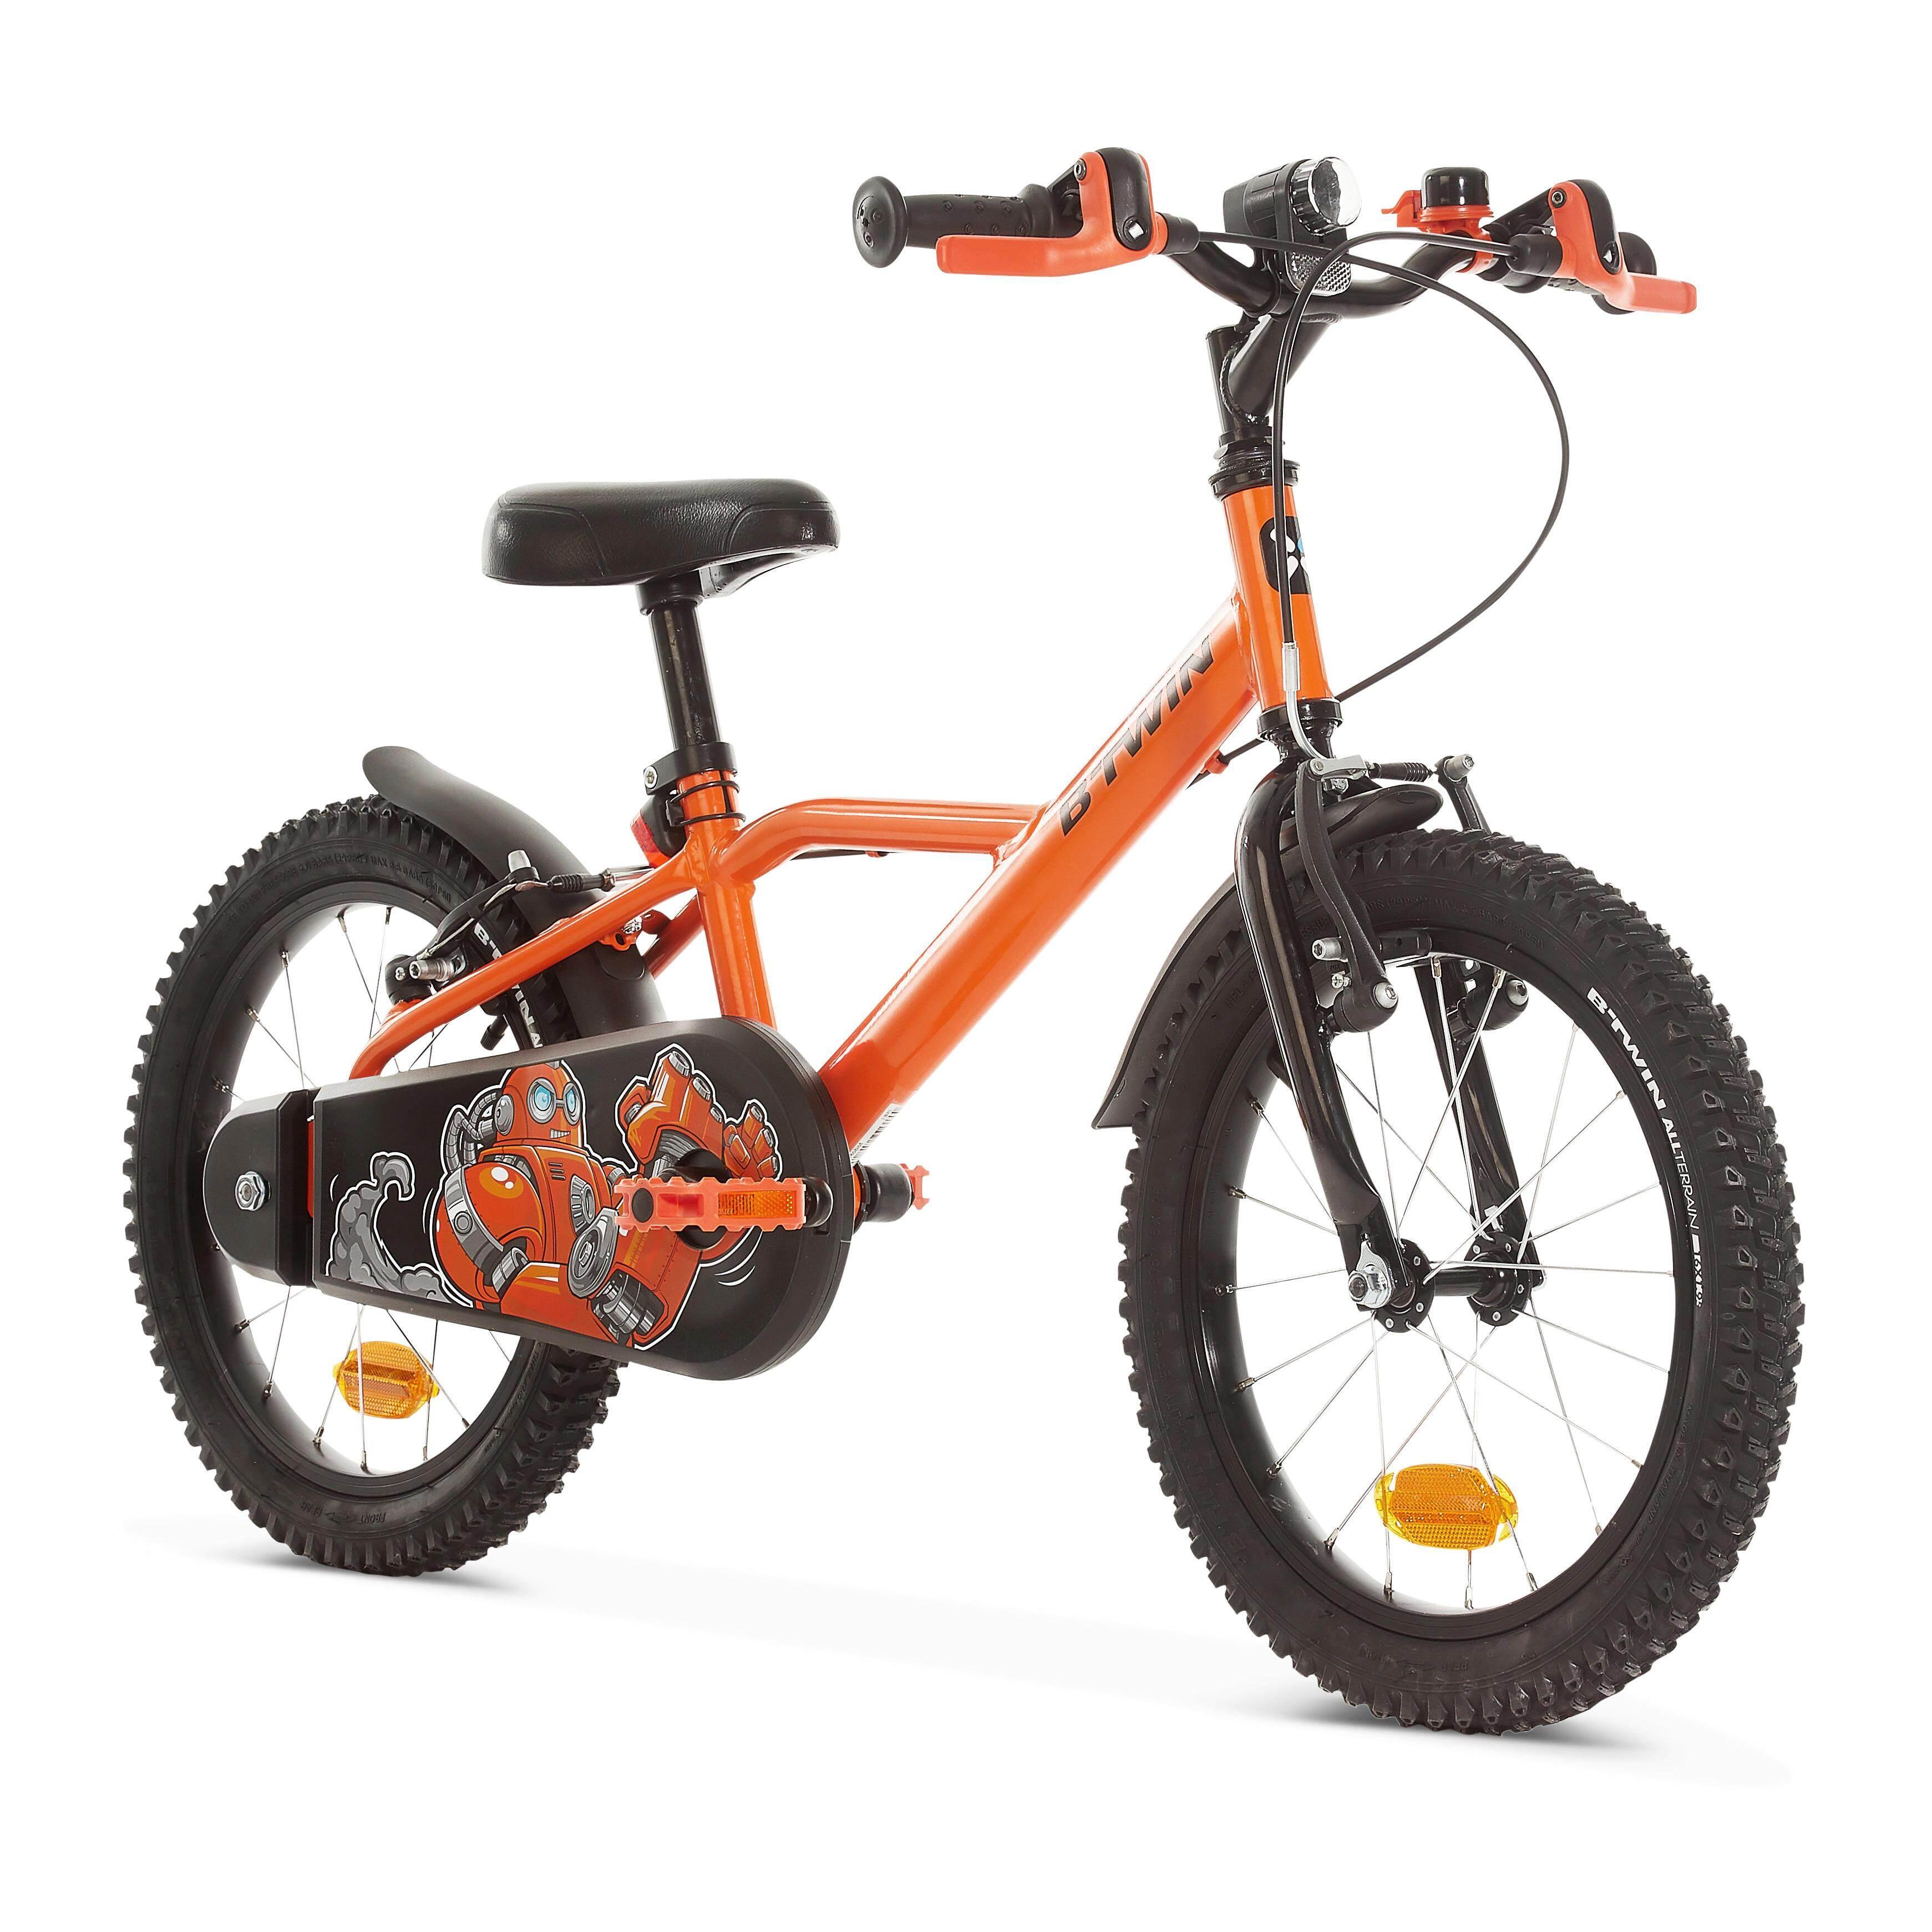 [ถูกยิ่งกว่าพายุเข้า!!] จักรยานรุ่น 500 ขนาด 16 นิ้วสำหรับเด็ก 4-6 ขวบ (ลาย ROBOT) สำหรับ จักรยานไฮบริดและทัวว์ริ่ง